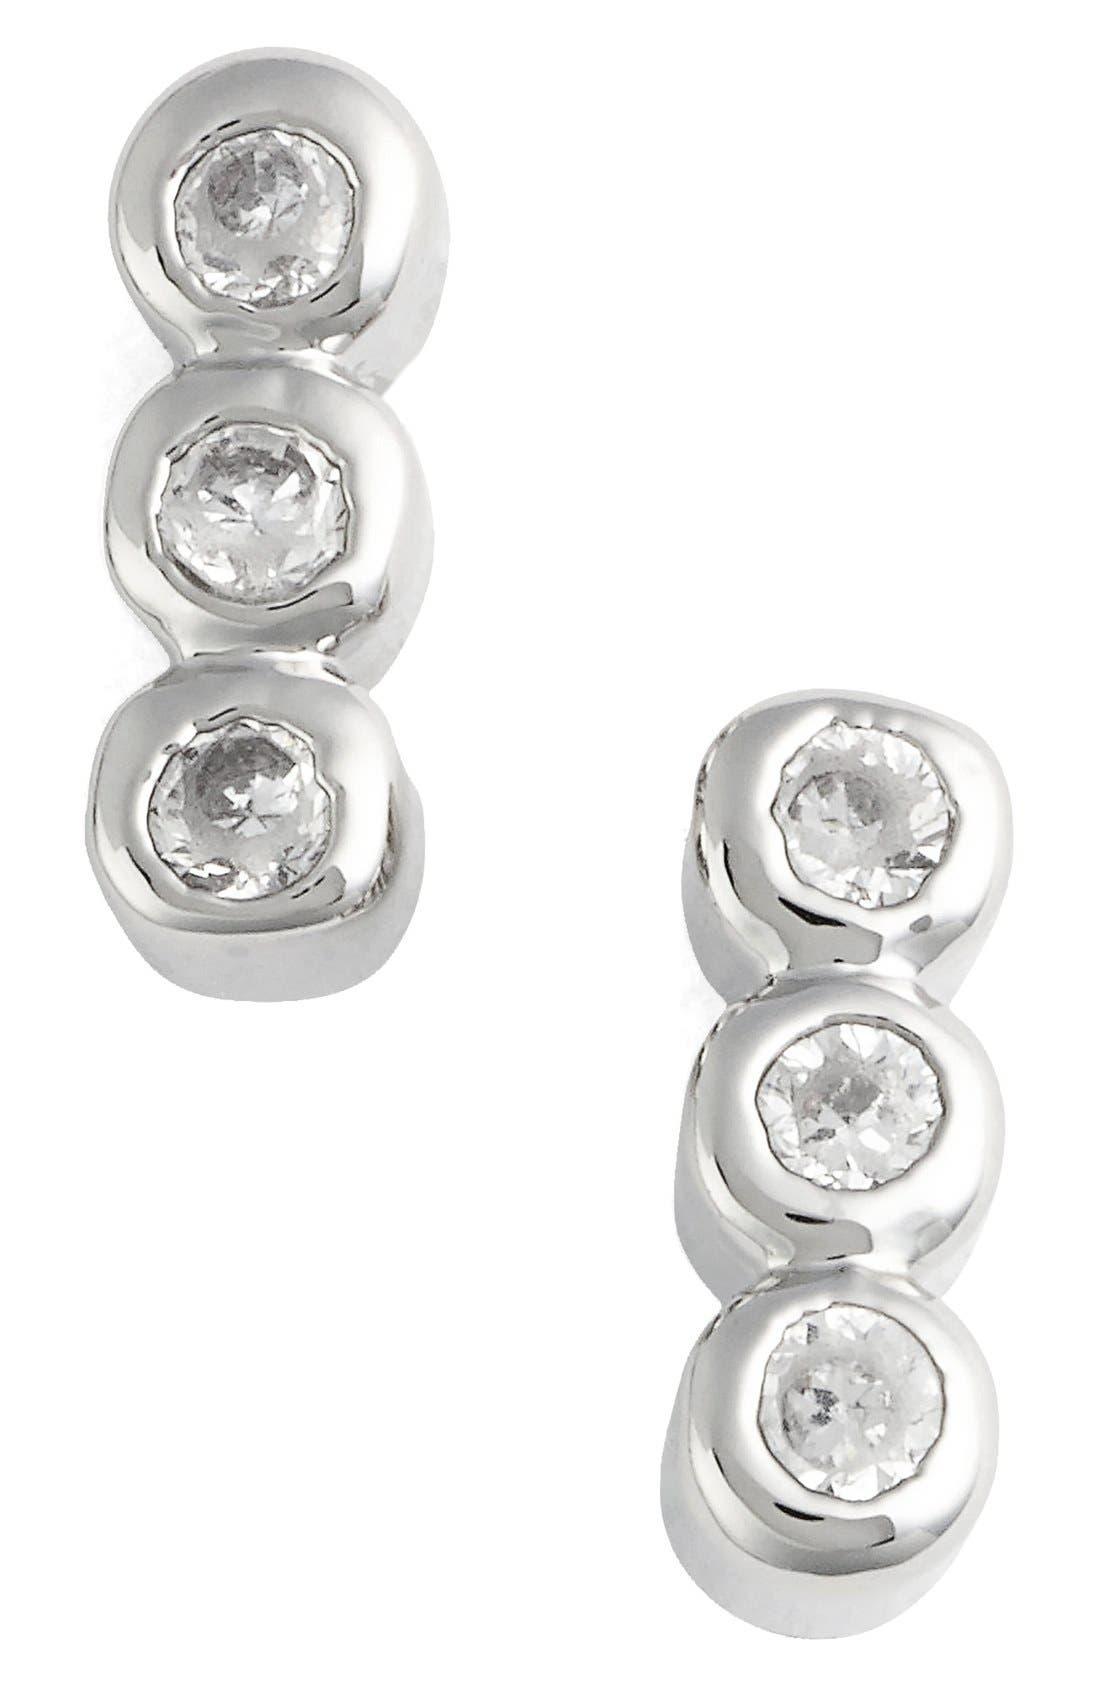 Main Image - Jules Smith Triple Bezel Stud Earrings